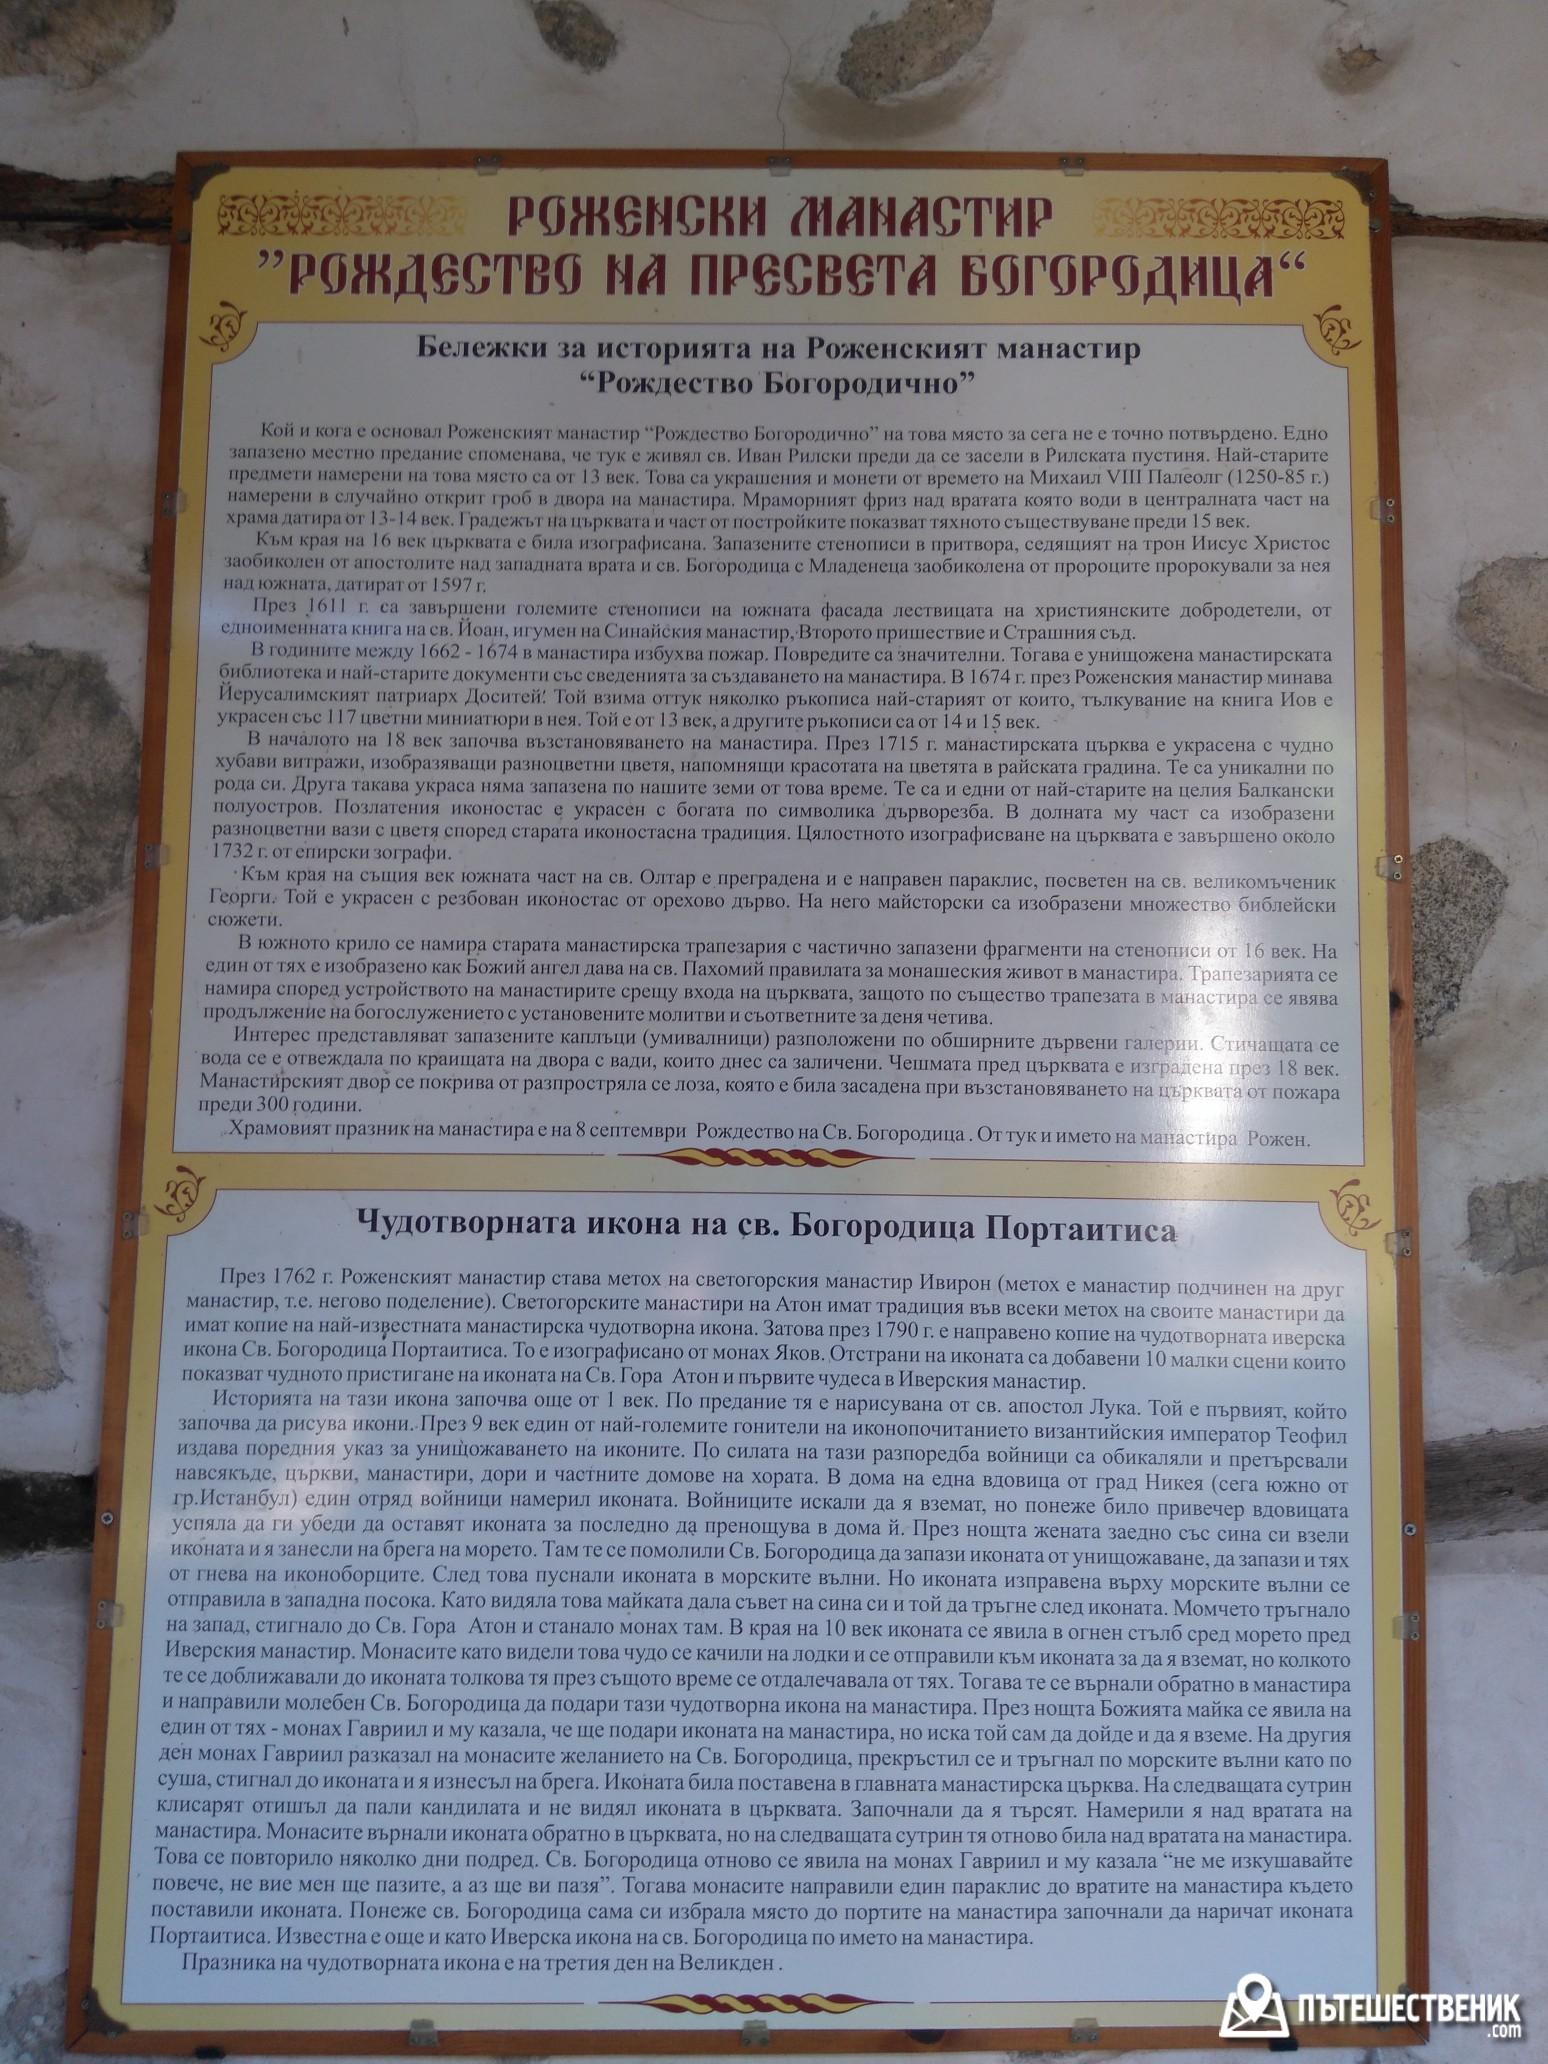 роженски-манастир-20